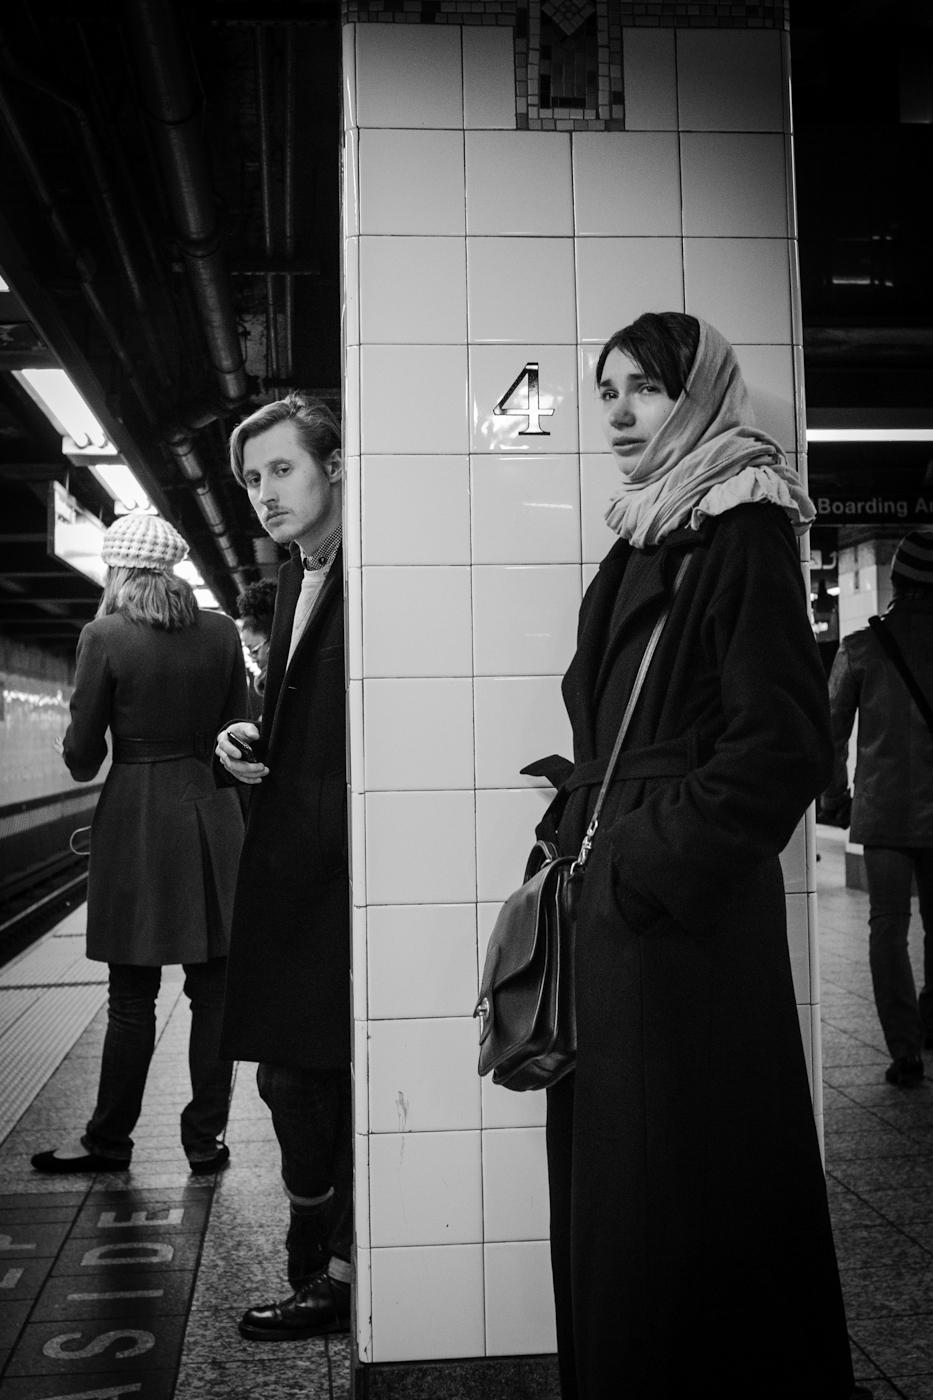 Subways-13.jpg